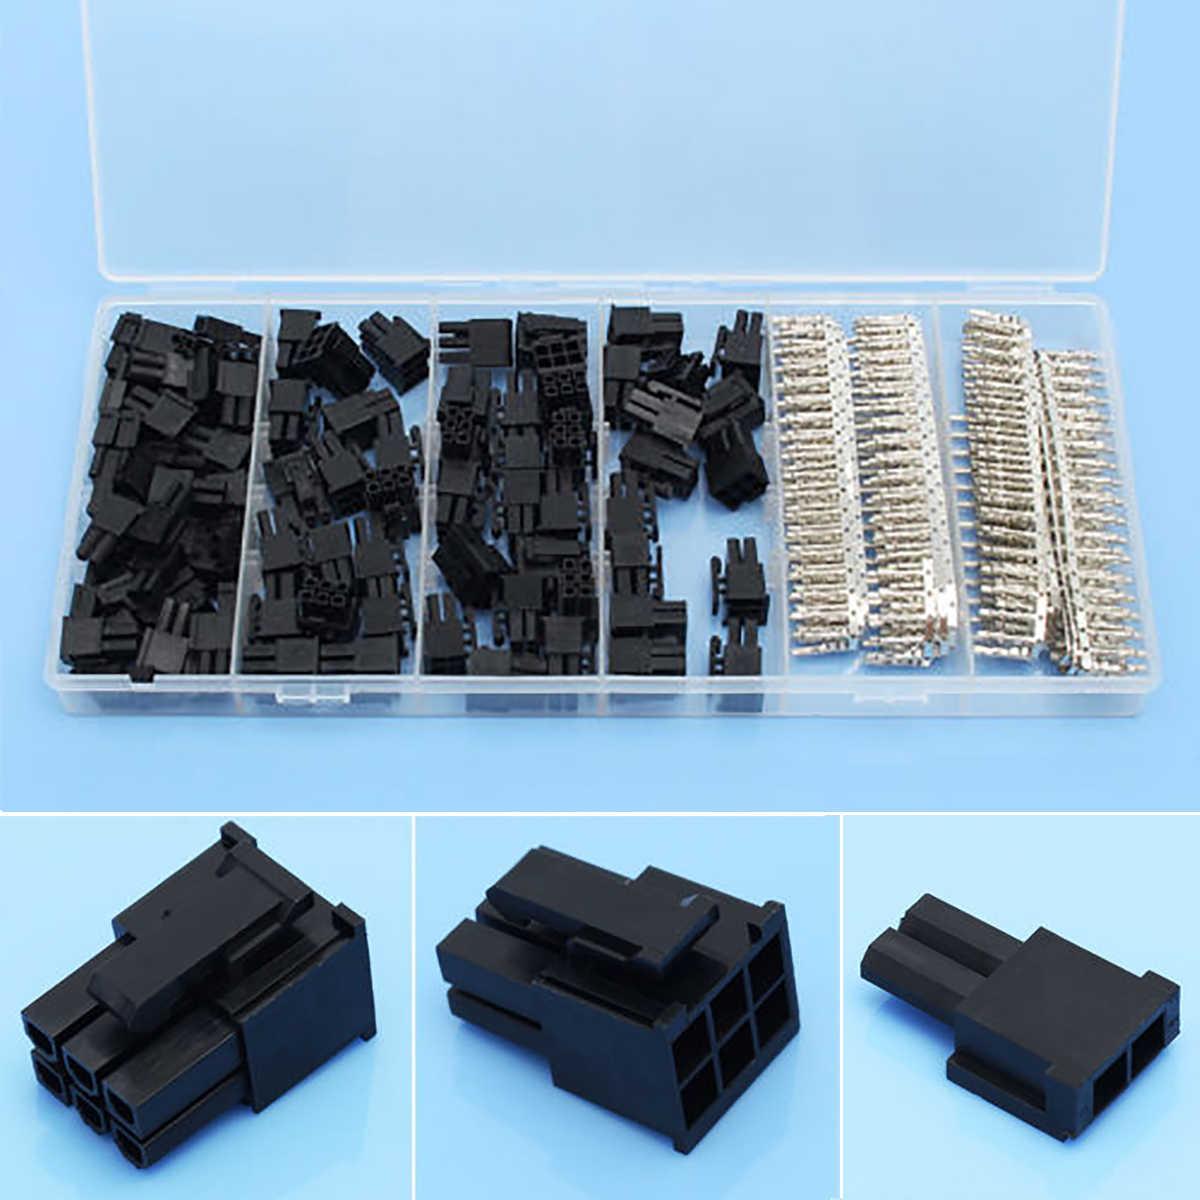 Mayitr 50 pces 5557 8(6 + 2) p atx eps pci-e conector com 400 pces 5557 terminais fêmea friso pino plug caixa de plástico conjuntos